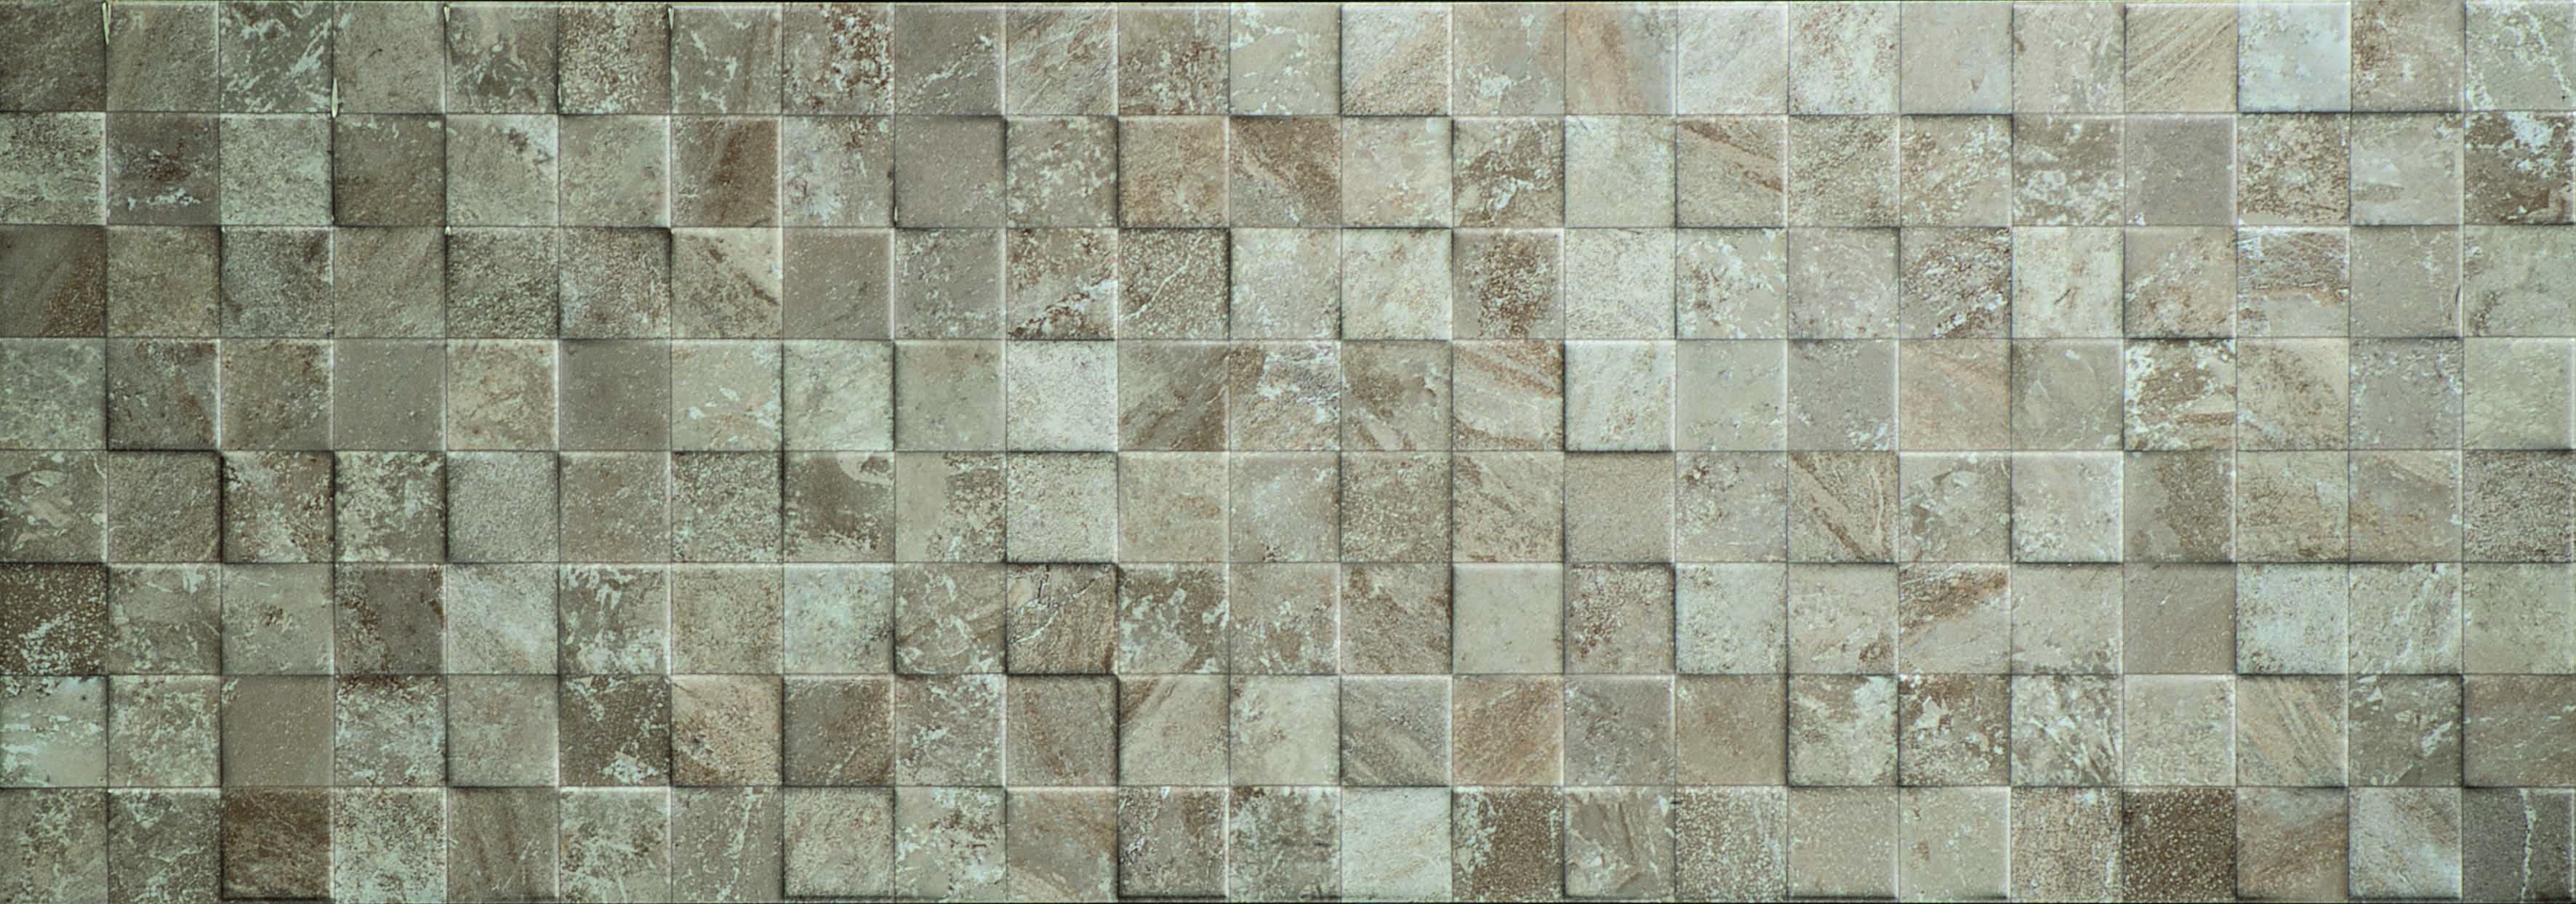 Настенная плитка Porcelanosa Recife +10748 Mosaico Gris все цены